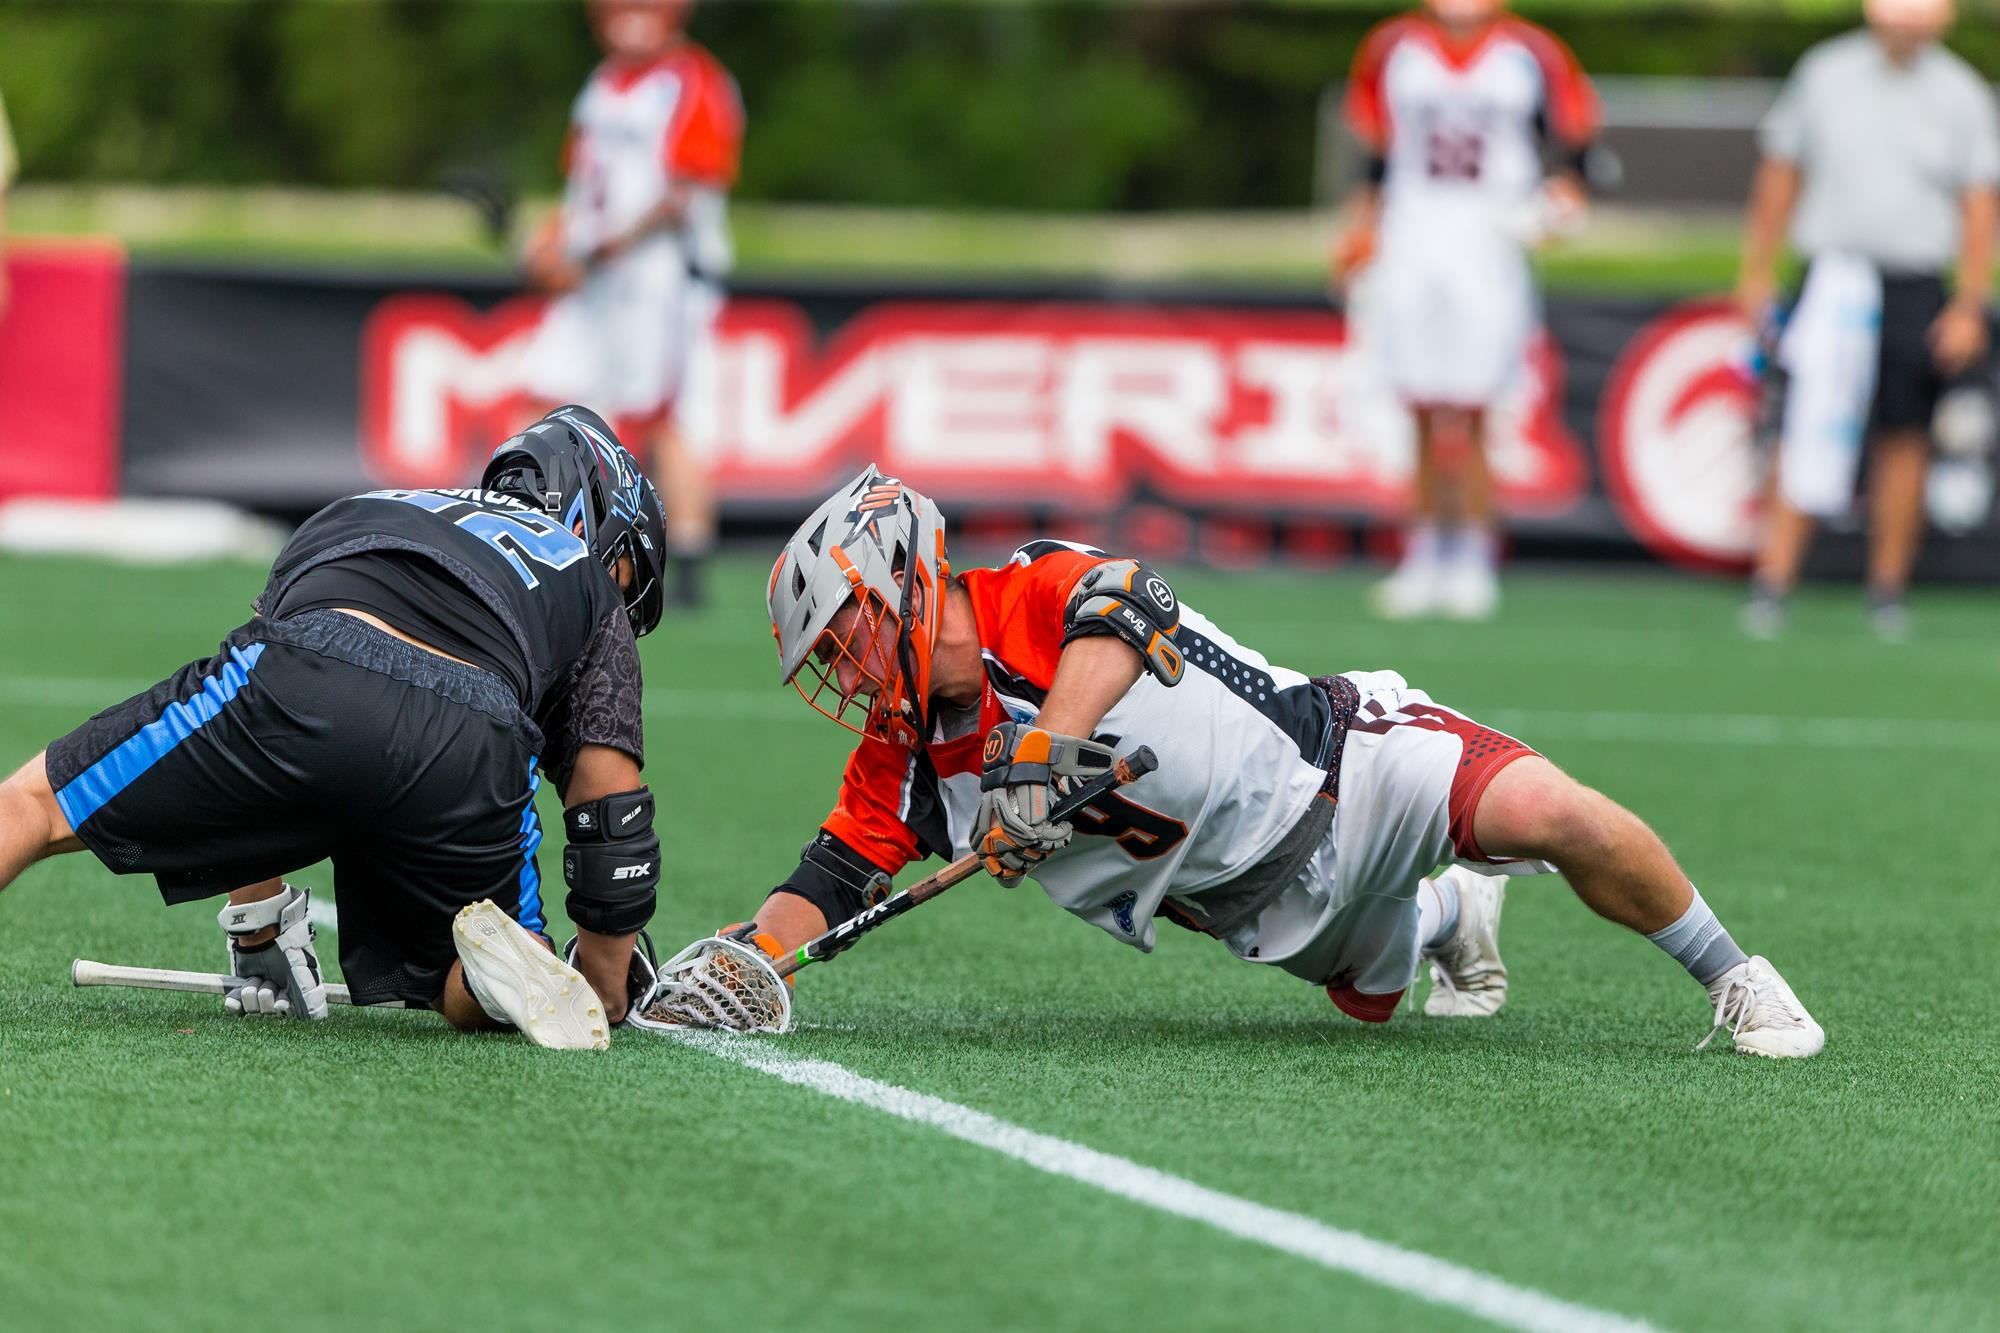 Max Adler - 2019 - Men's Lacrosse - Denver Outlaws MLL Team